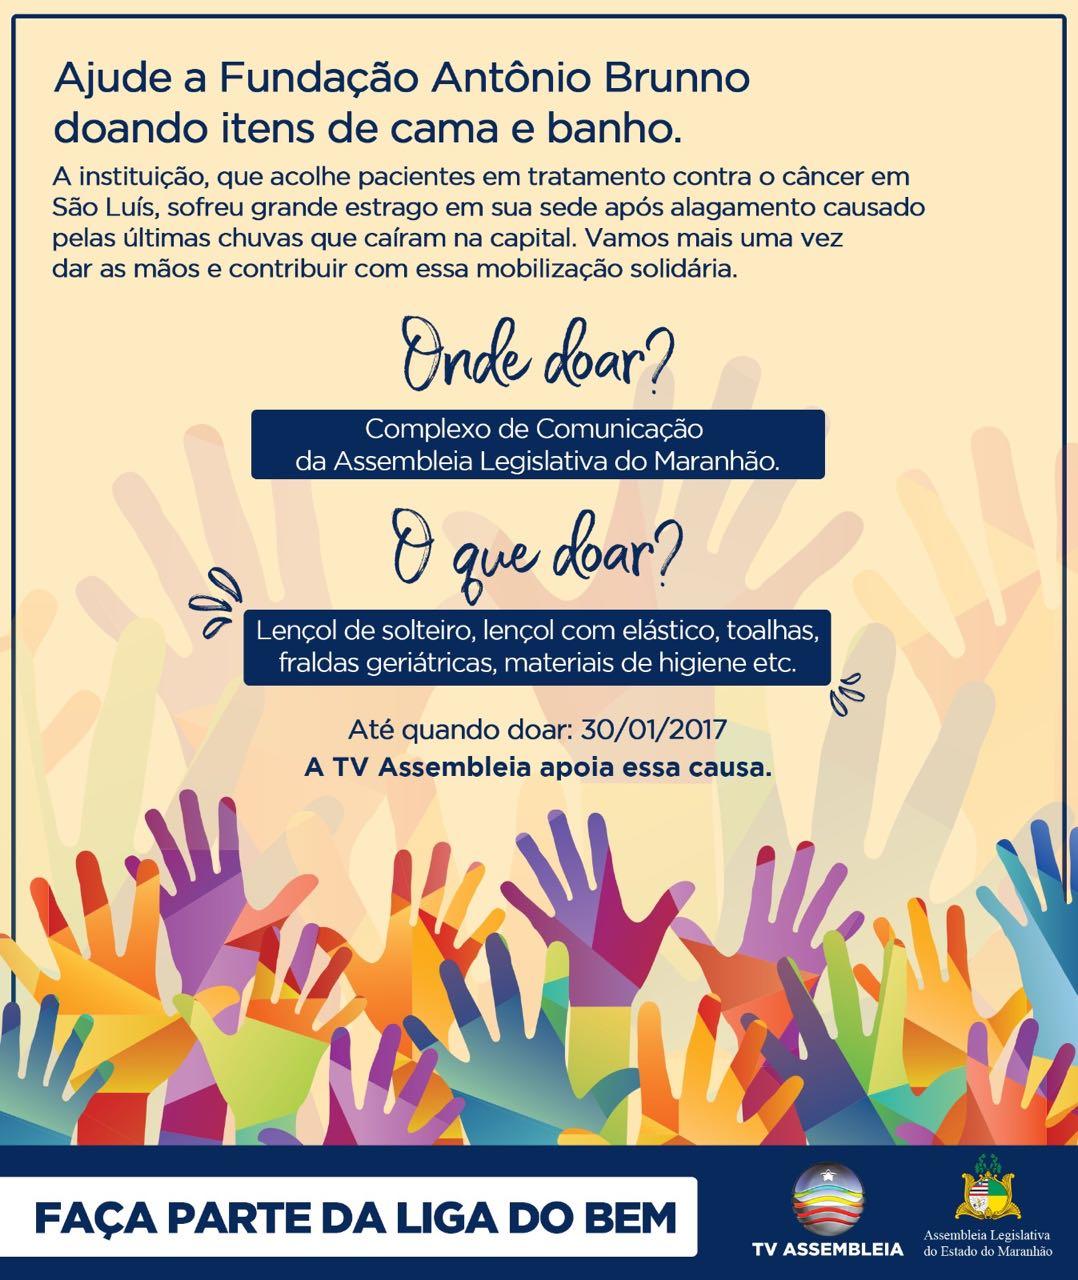 Complexo de Comunicação está recebendo donativos para a Fundação Antônio Brunno